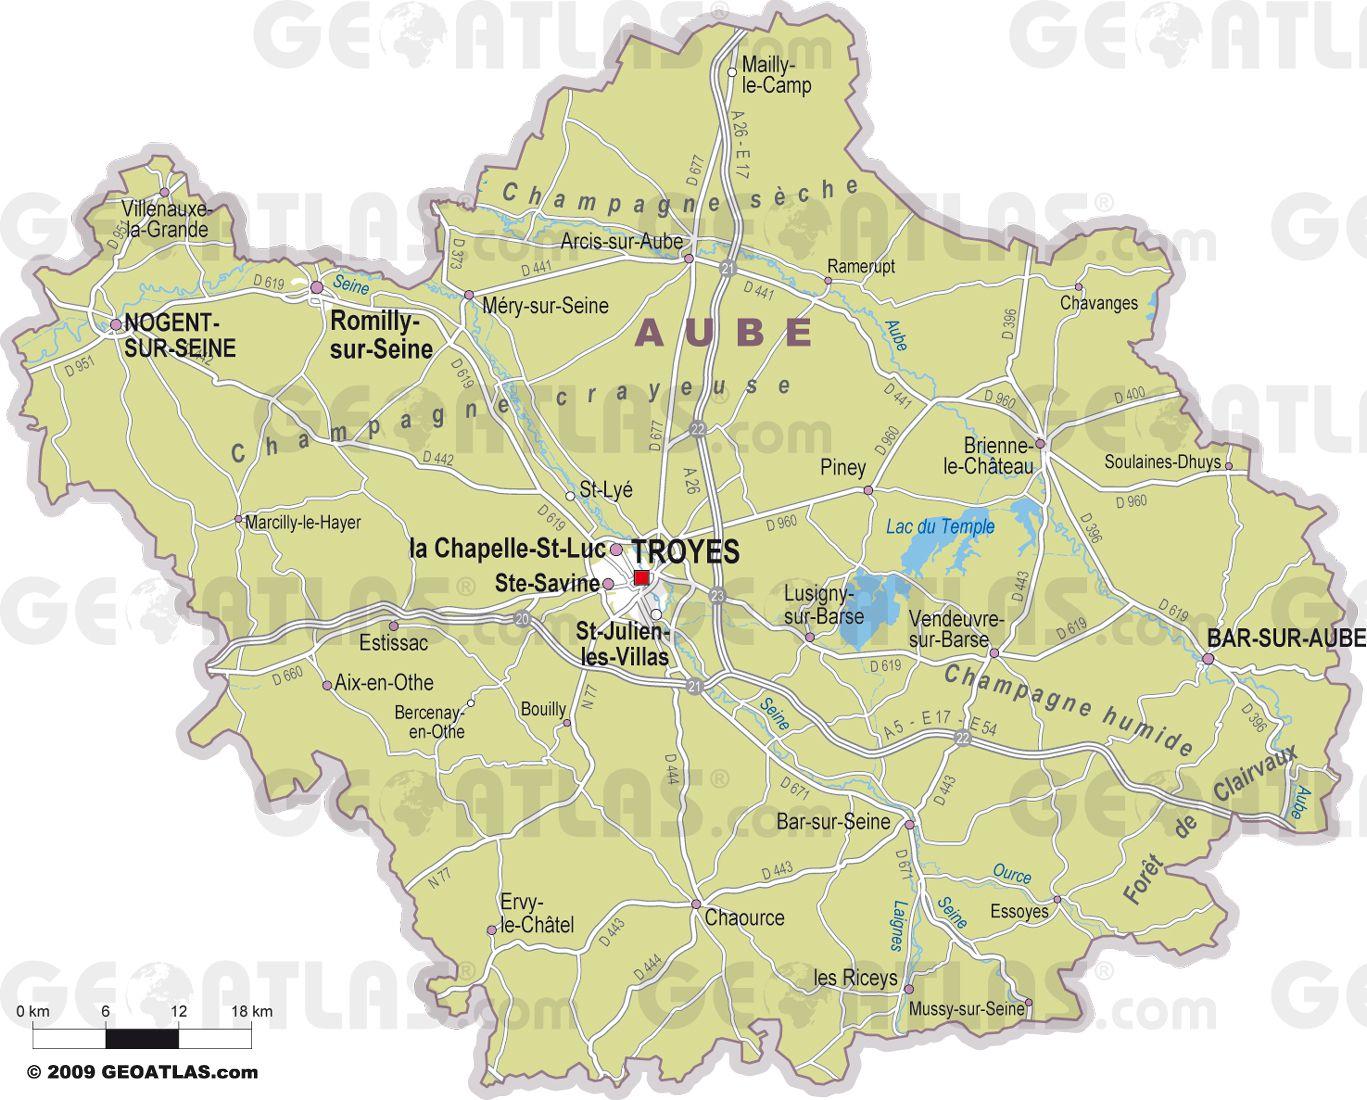 Carte des villes de l'Aube